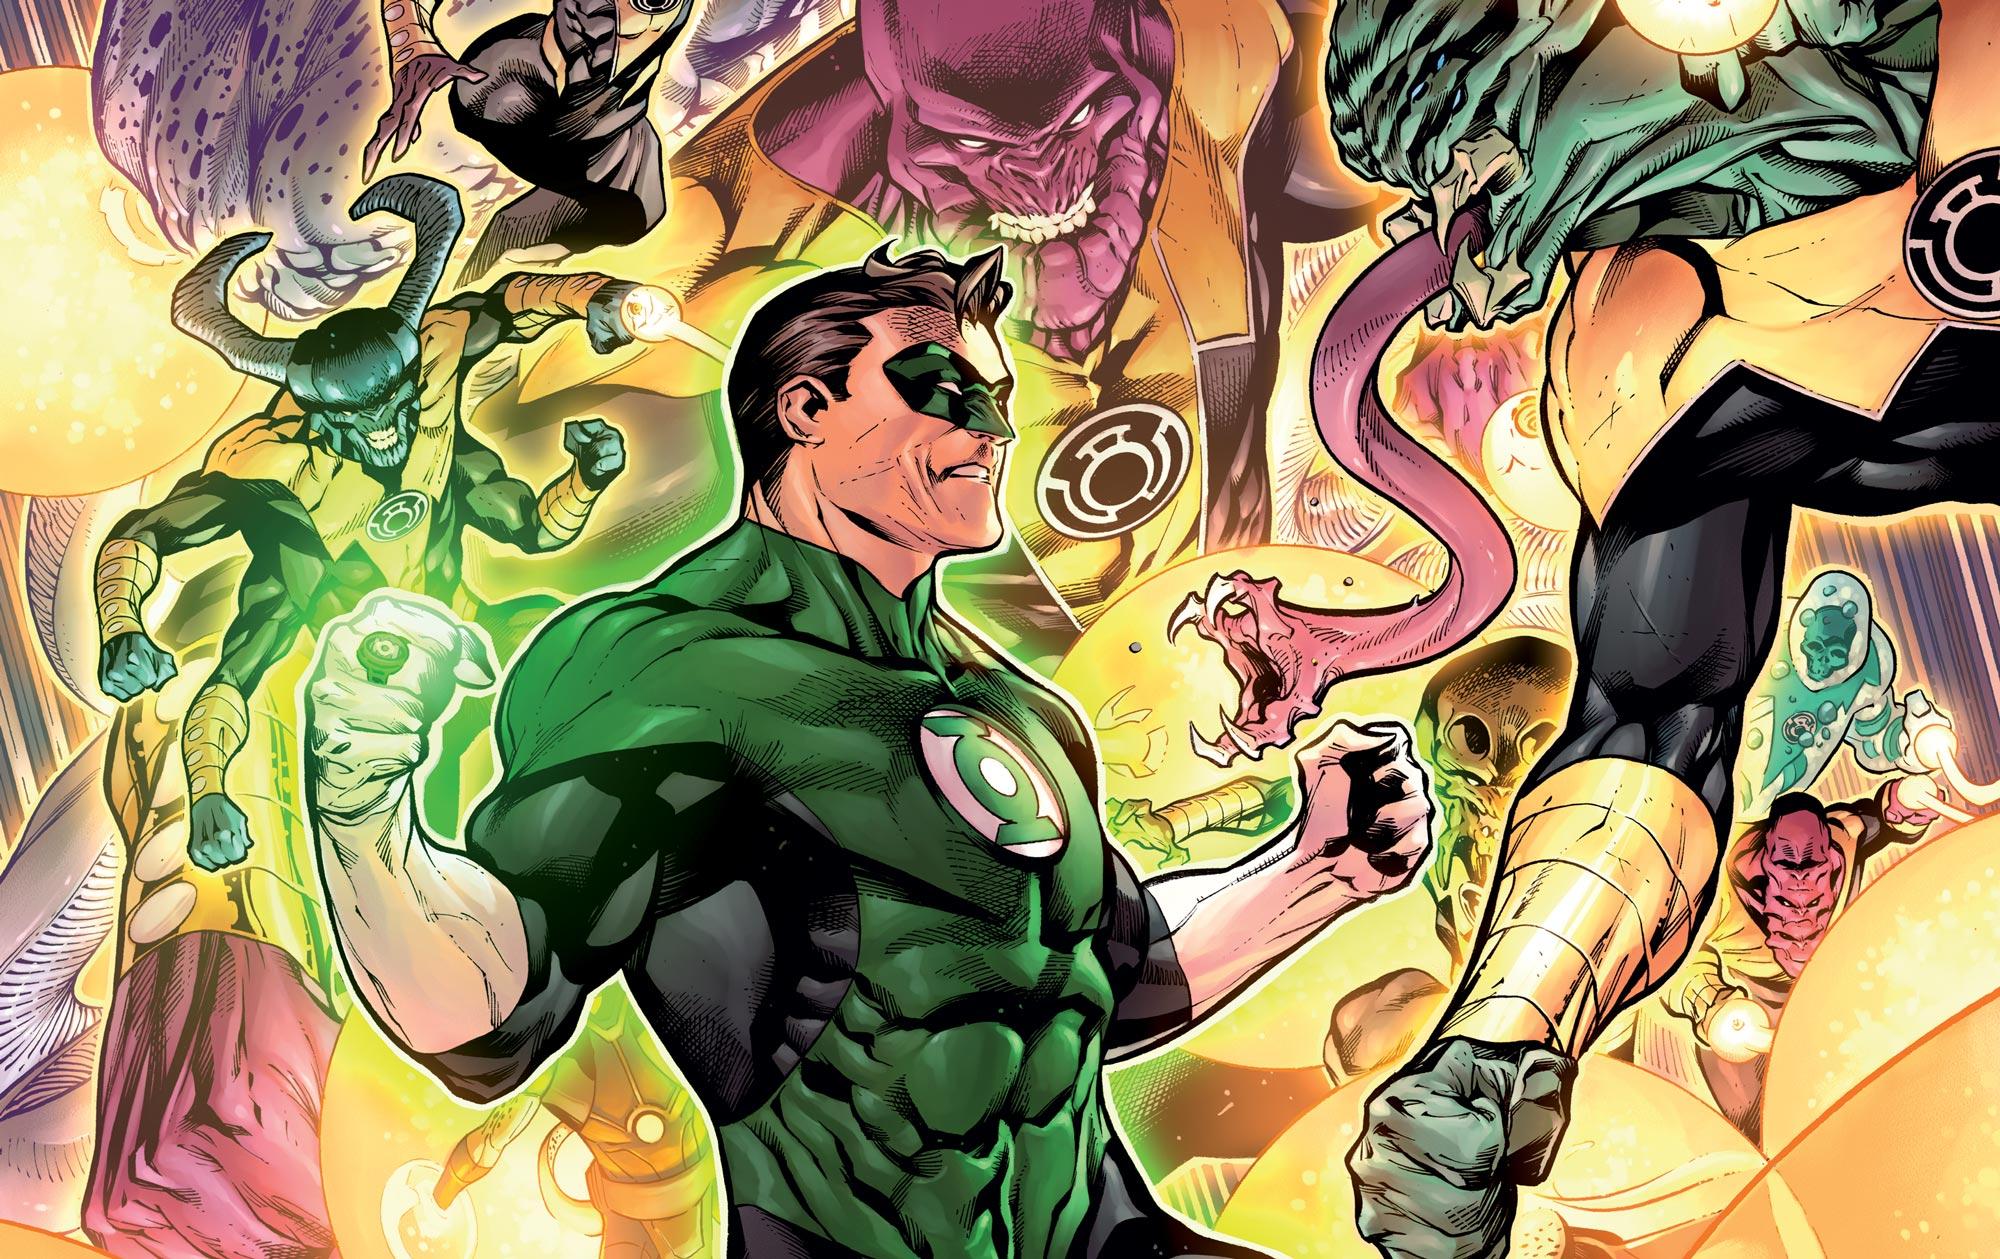 La première apparition de Green Lantern est dans l'épisode :